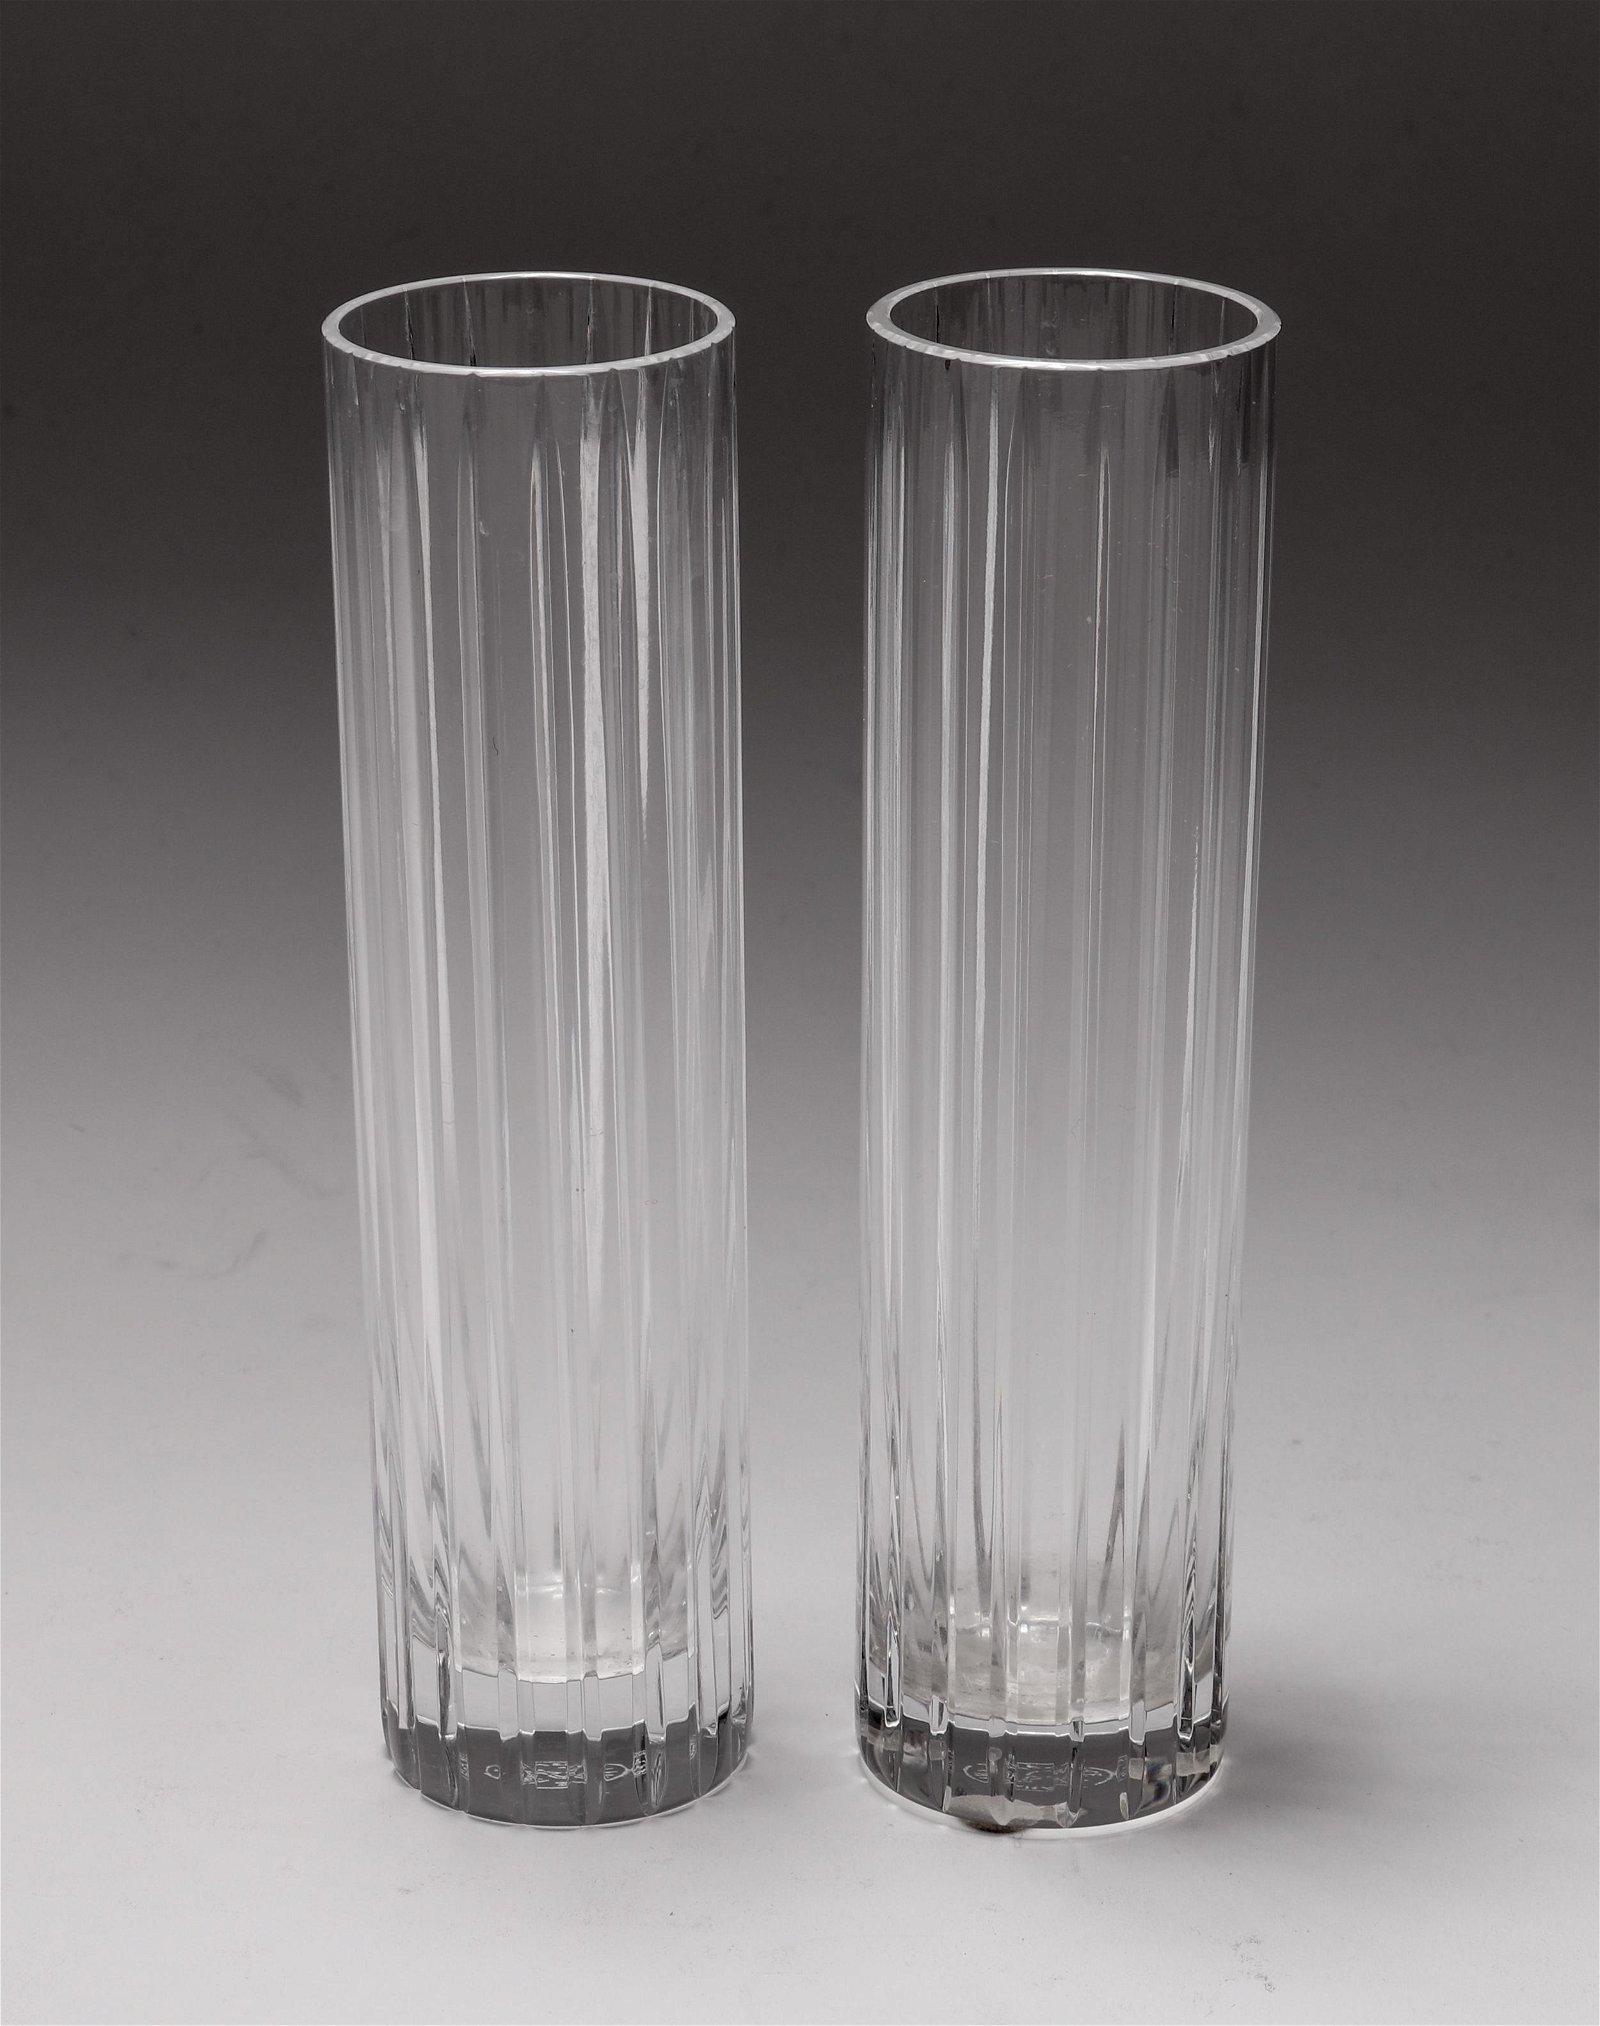 """Baccarat Crystal """"Harmonie"""" Bud Vases, Pair"""